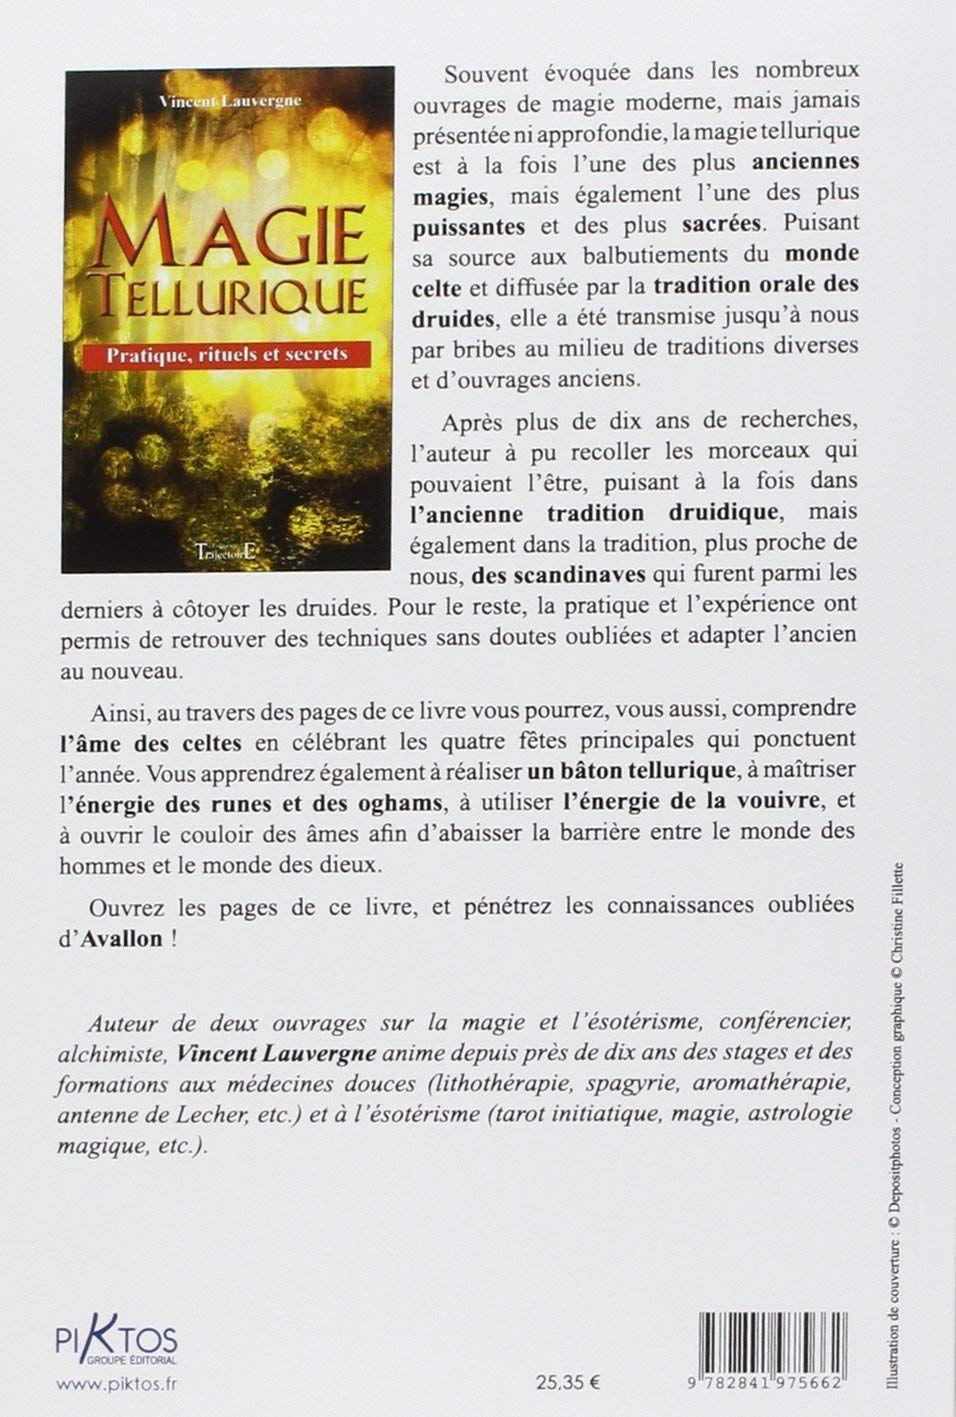 Amazon Fr Magie Tellurique Pratique Rituels Et Secrets Vincent Lauvergne Livres Rituels Magie Verte Druidique